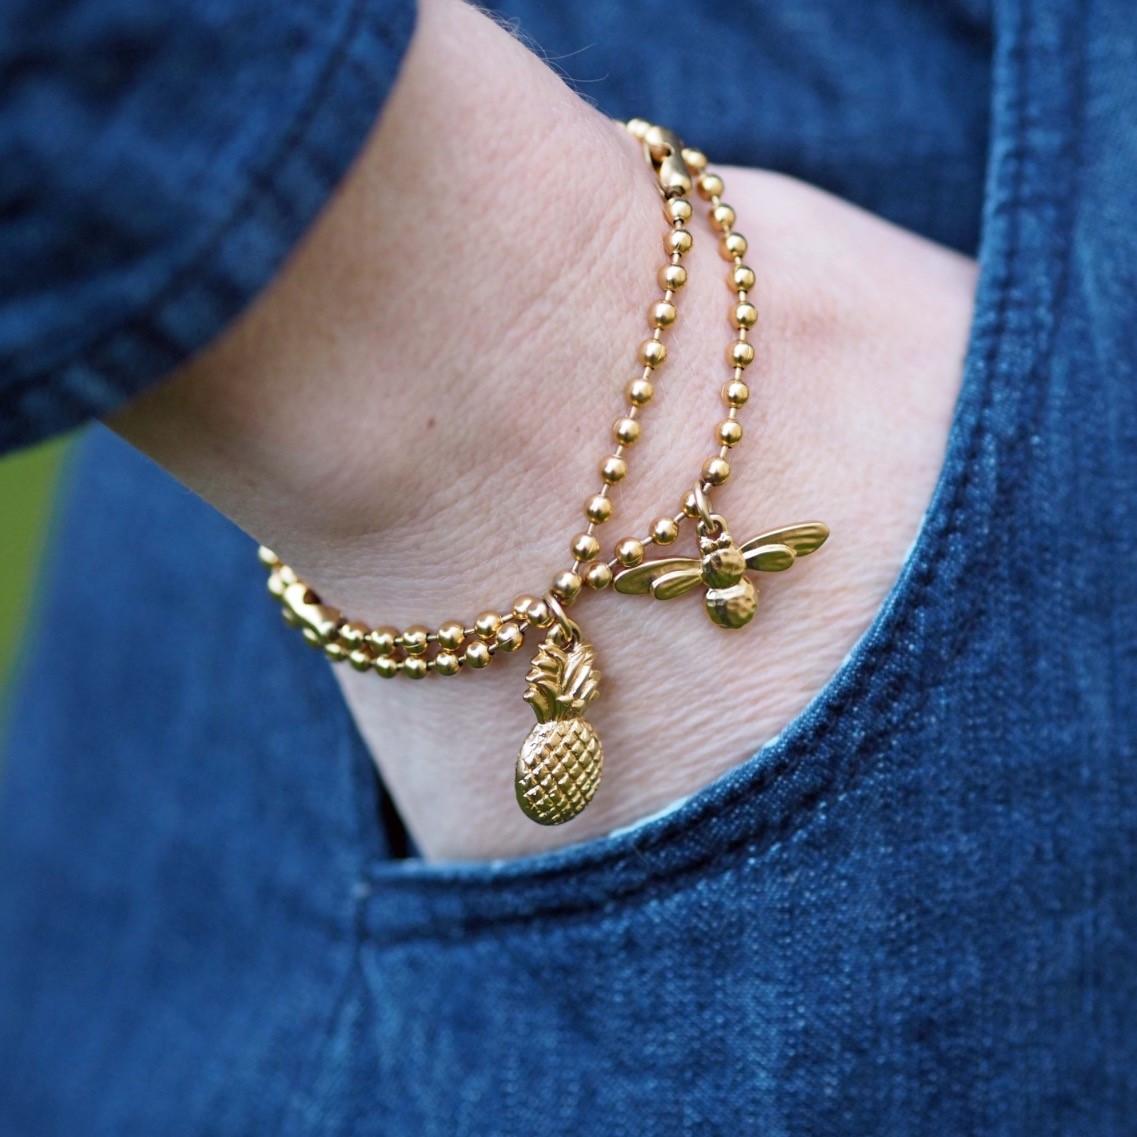 Danon pineapple bracelet, Danon honey bee bracelet